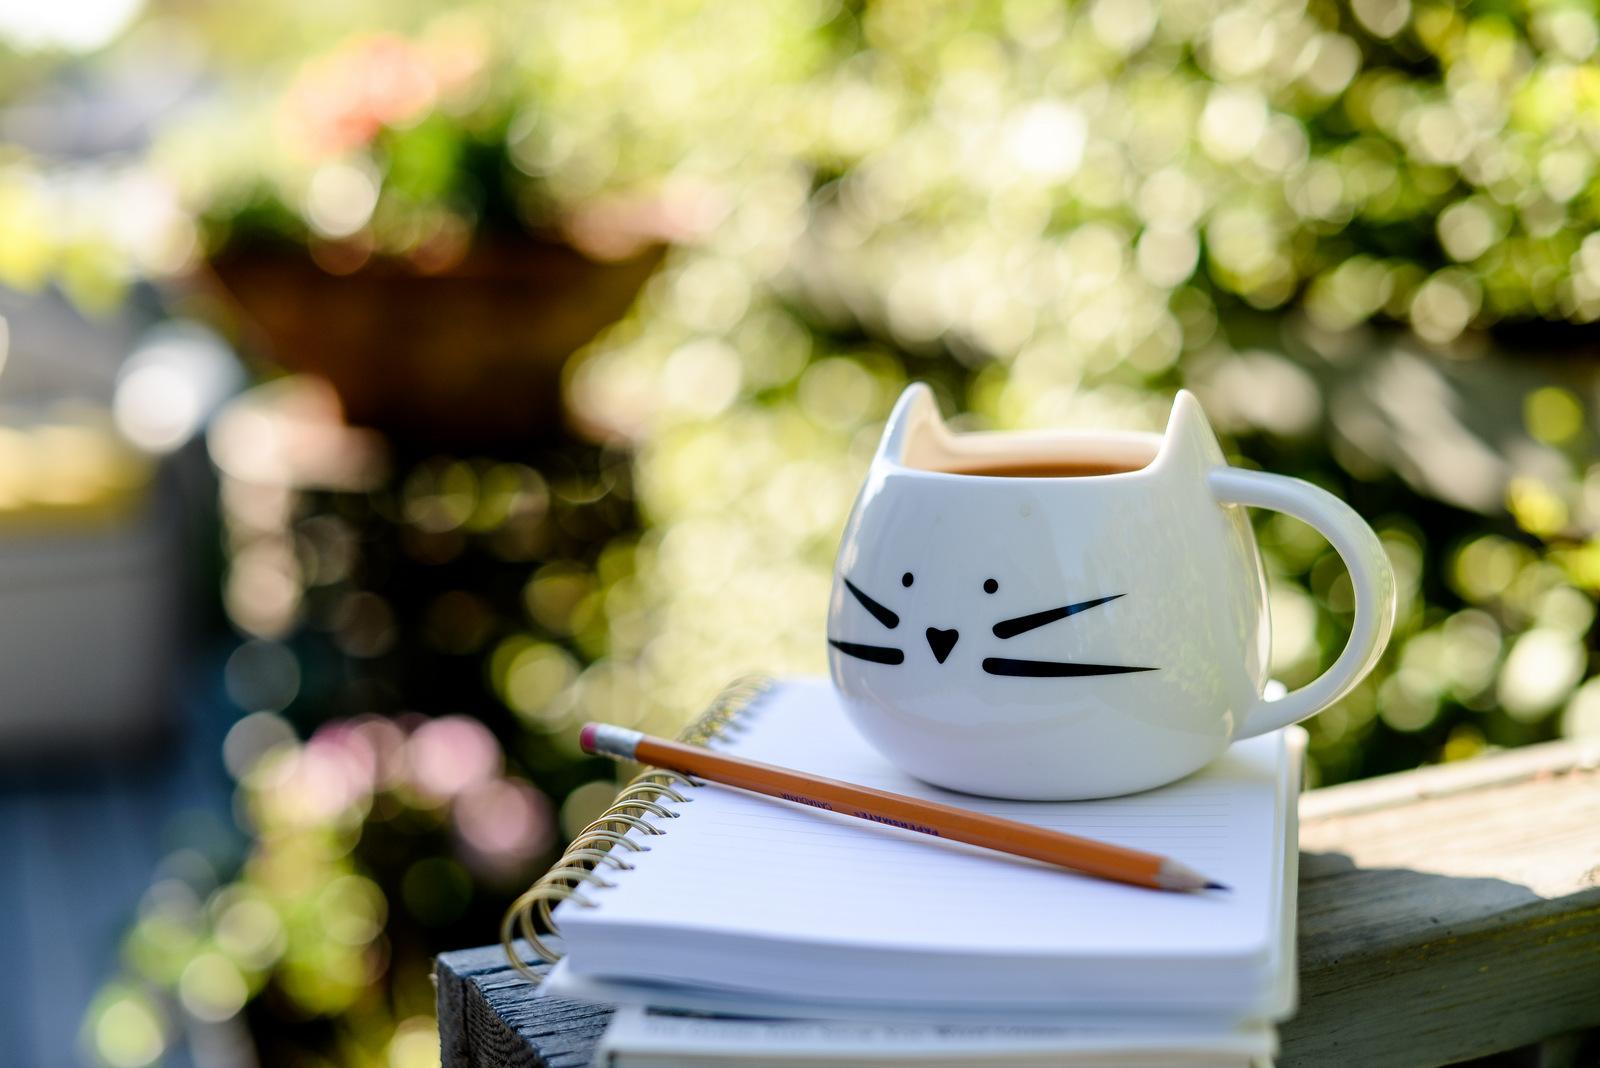 cat mug and pencil